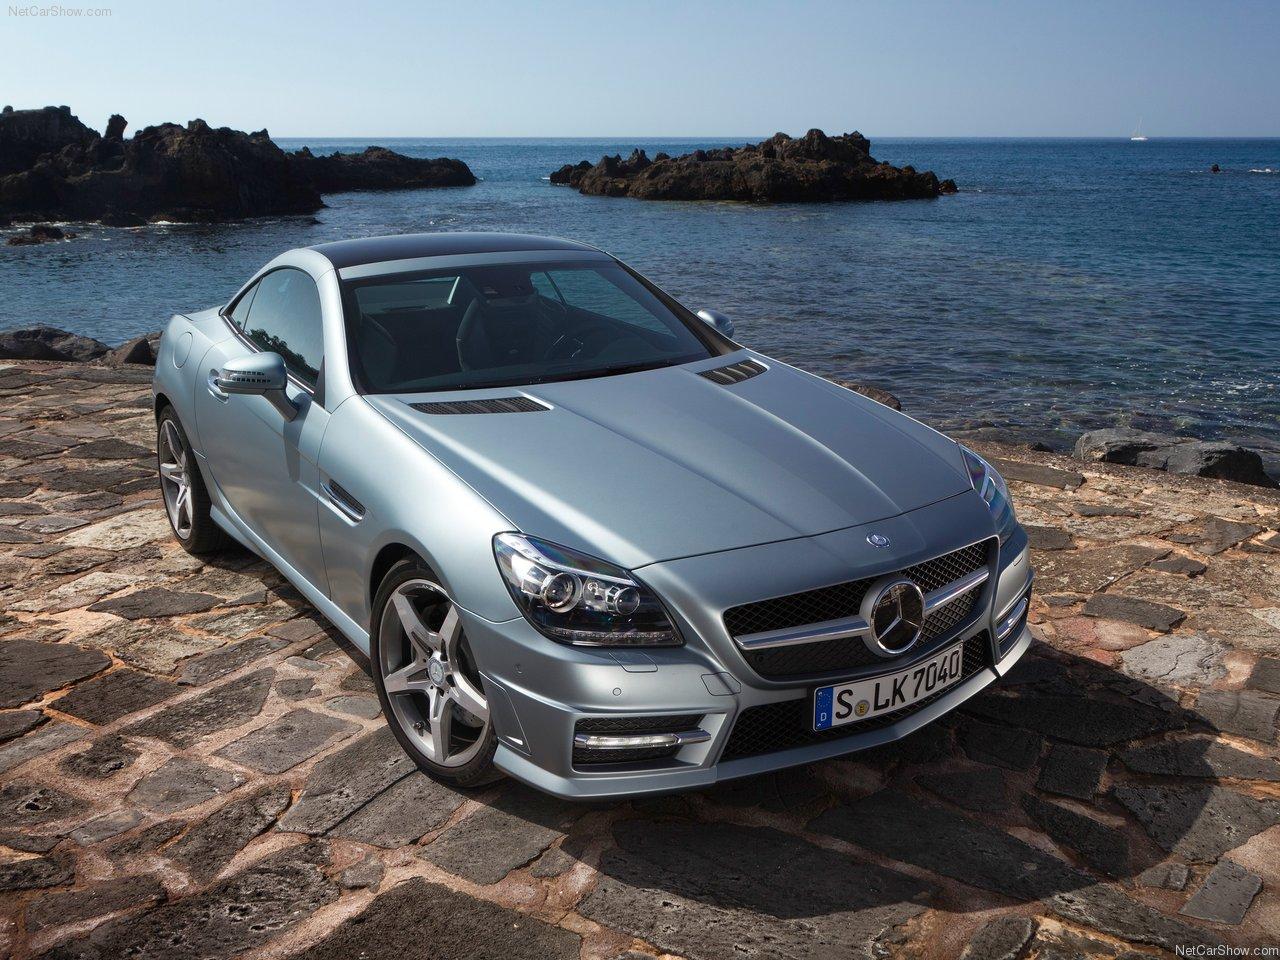 http://3.bp.blogspot.com/-JgSeyjH1COY/TZ3n5bj-pII/AAAAAAAAOOo/3zTPL2DHueA/s1600/Mercedes-Benz-SLK350_2012_1280x960_wallpaper_01.jpg